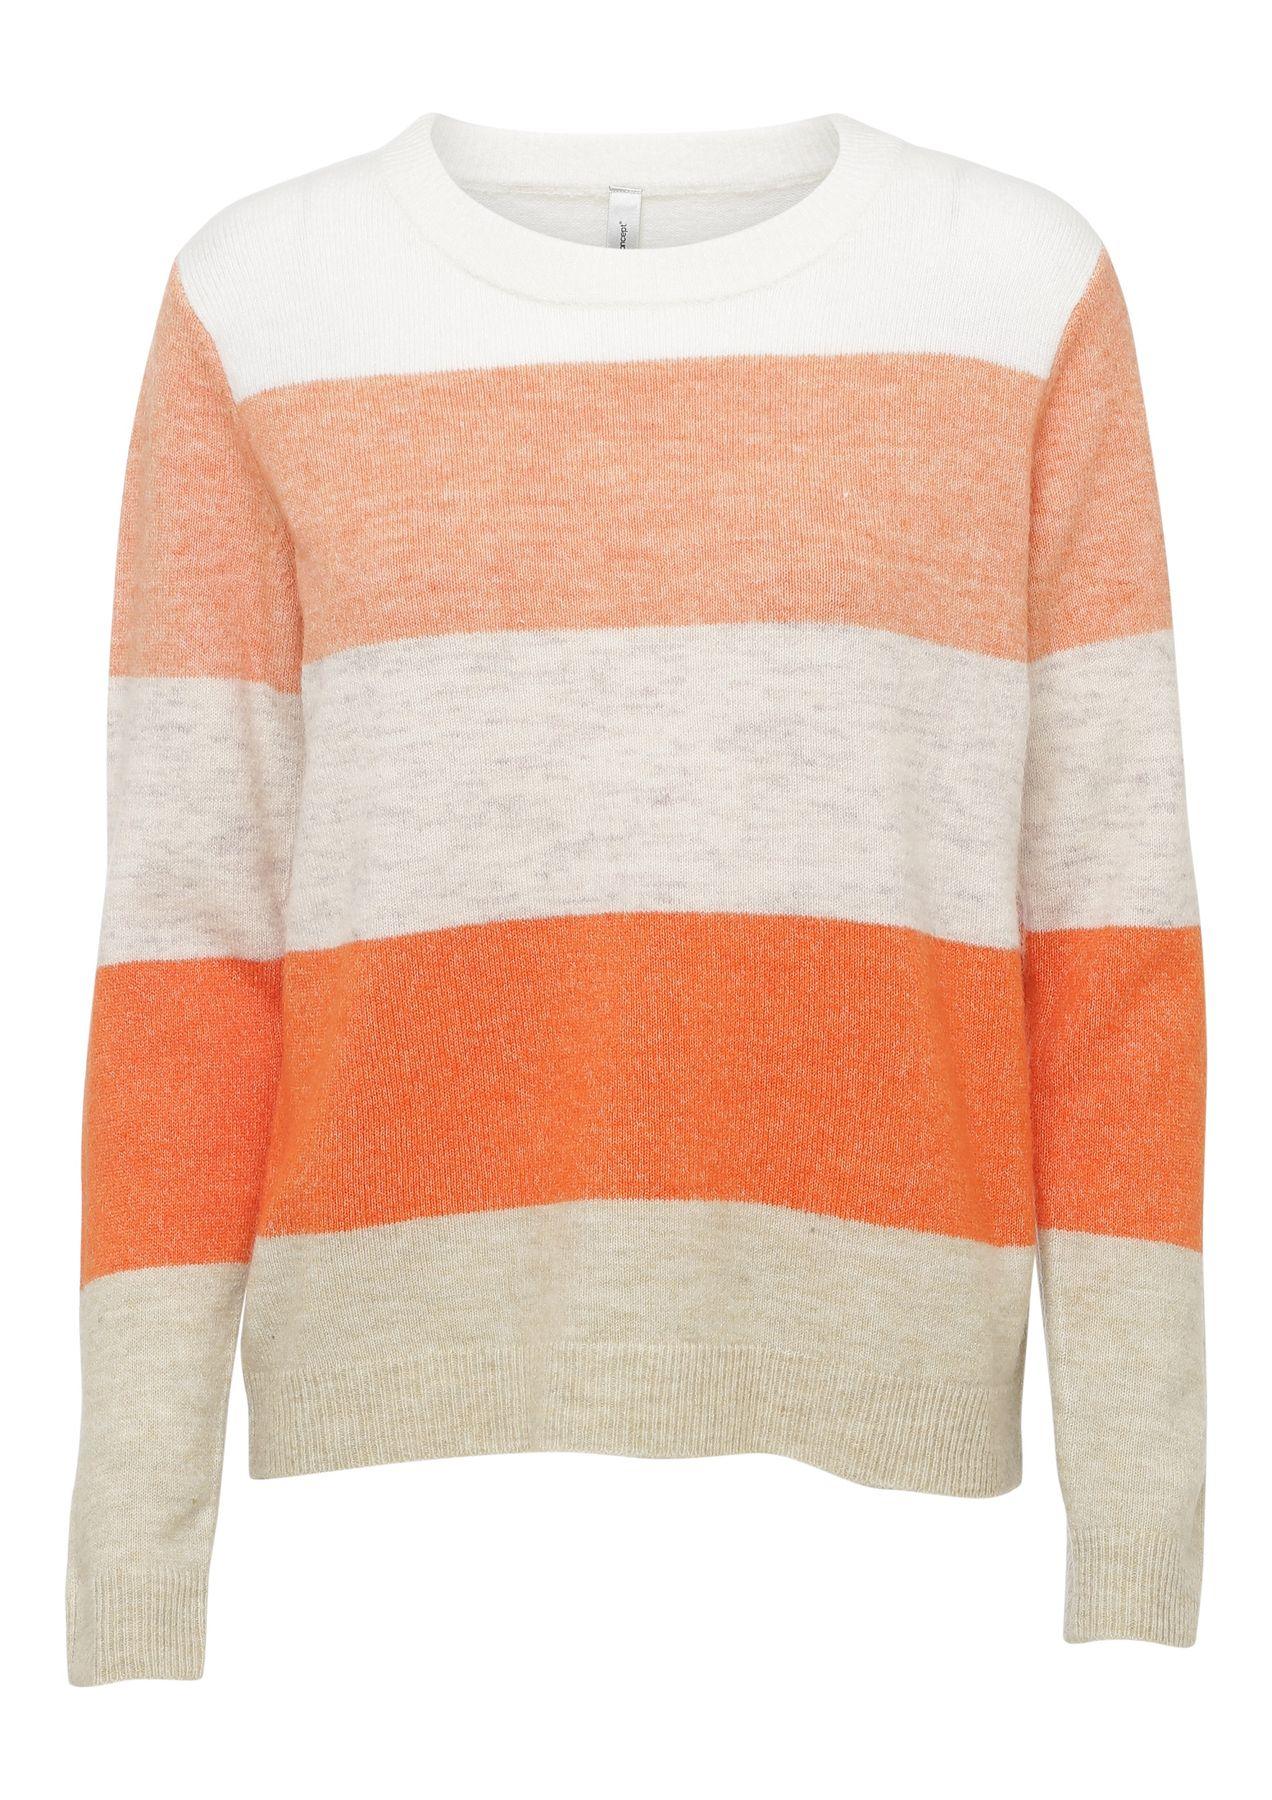 Soyaconcept - Damen Pullover in verschiedenen Farben, SC-Nessie 7 (32642-30) – Bild 1